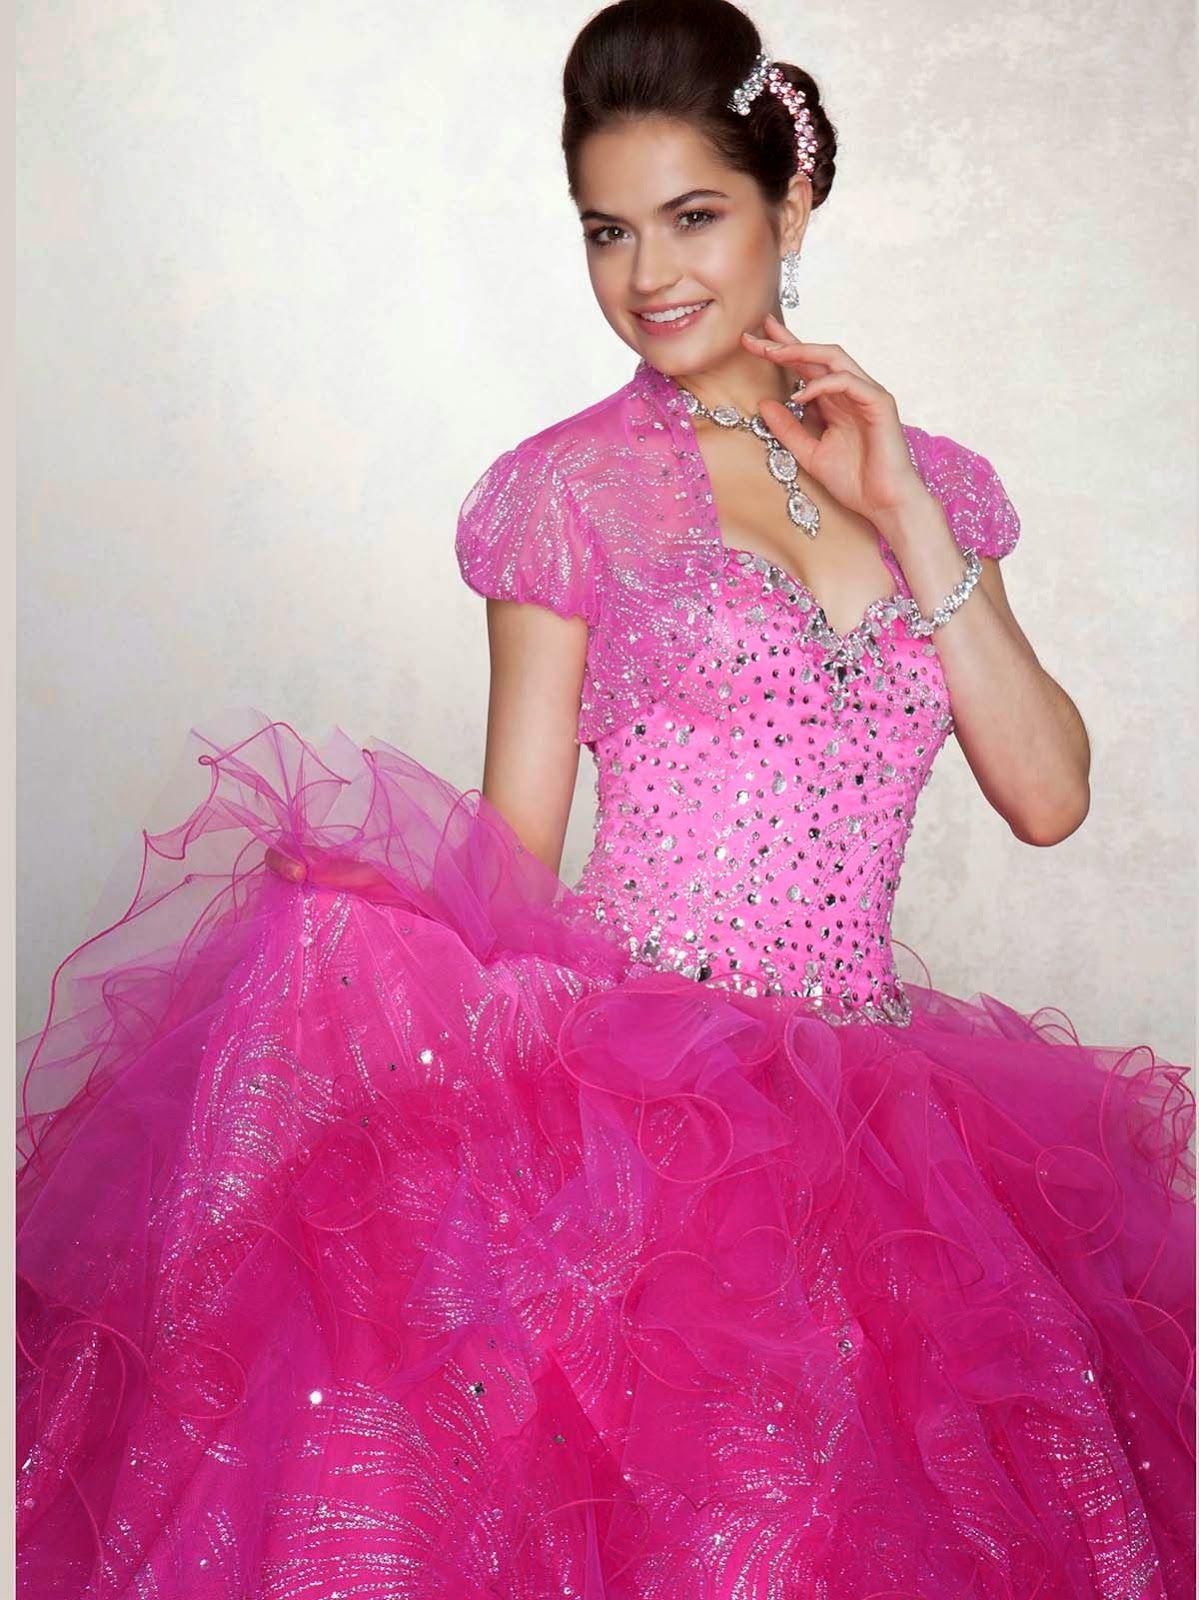 Bonitos vestidos de 15 años | Diseños exclusivos | Vestidos de Moda ...